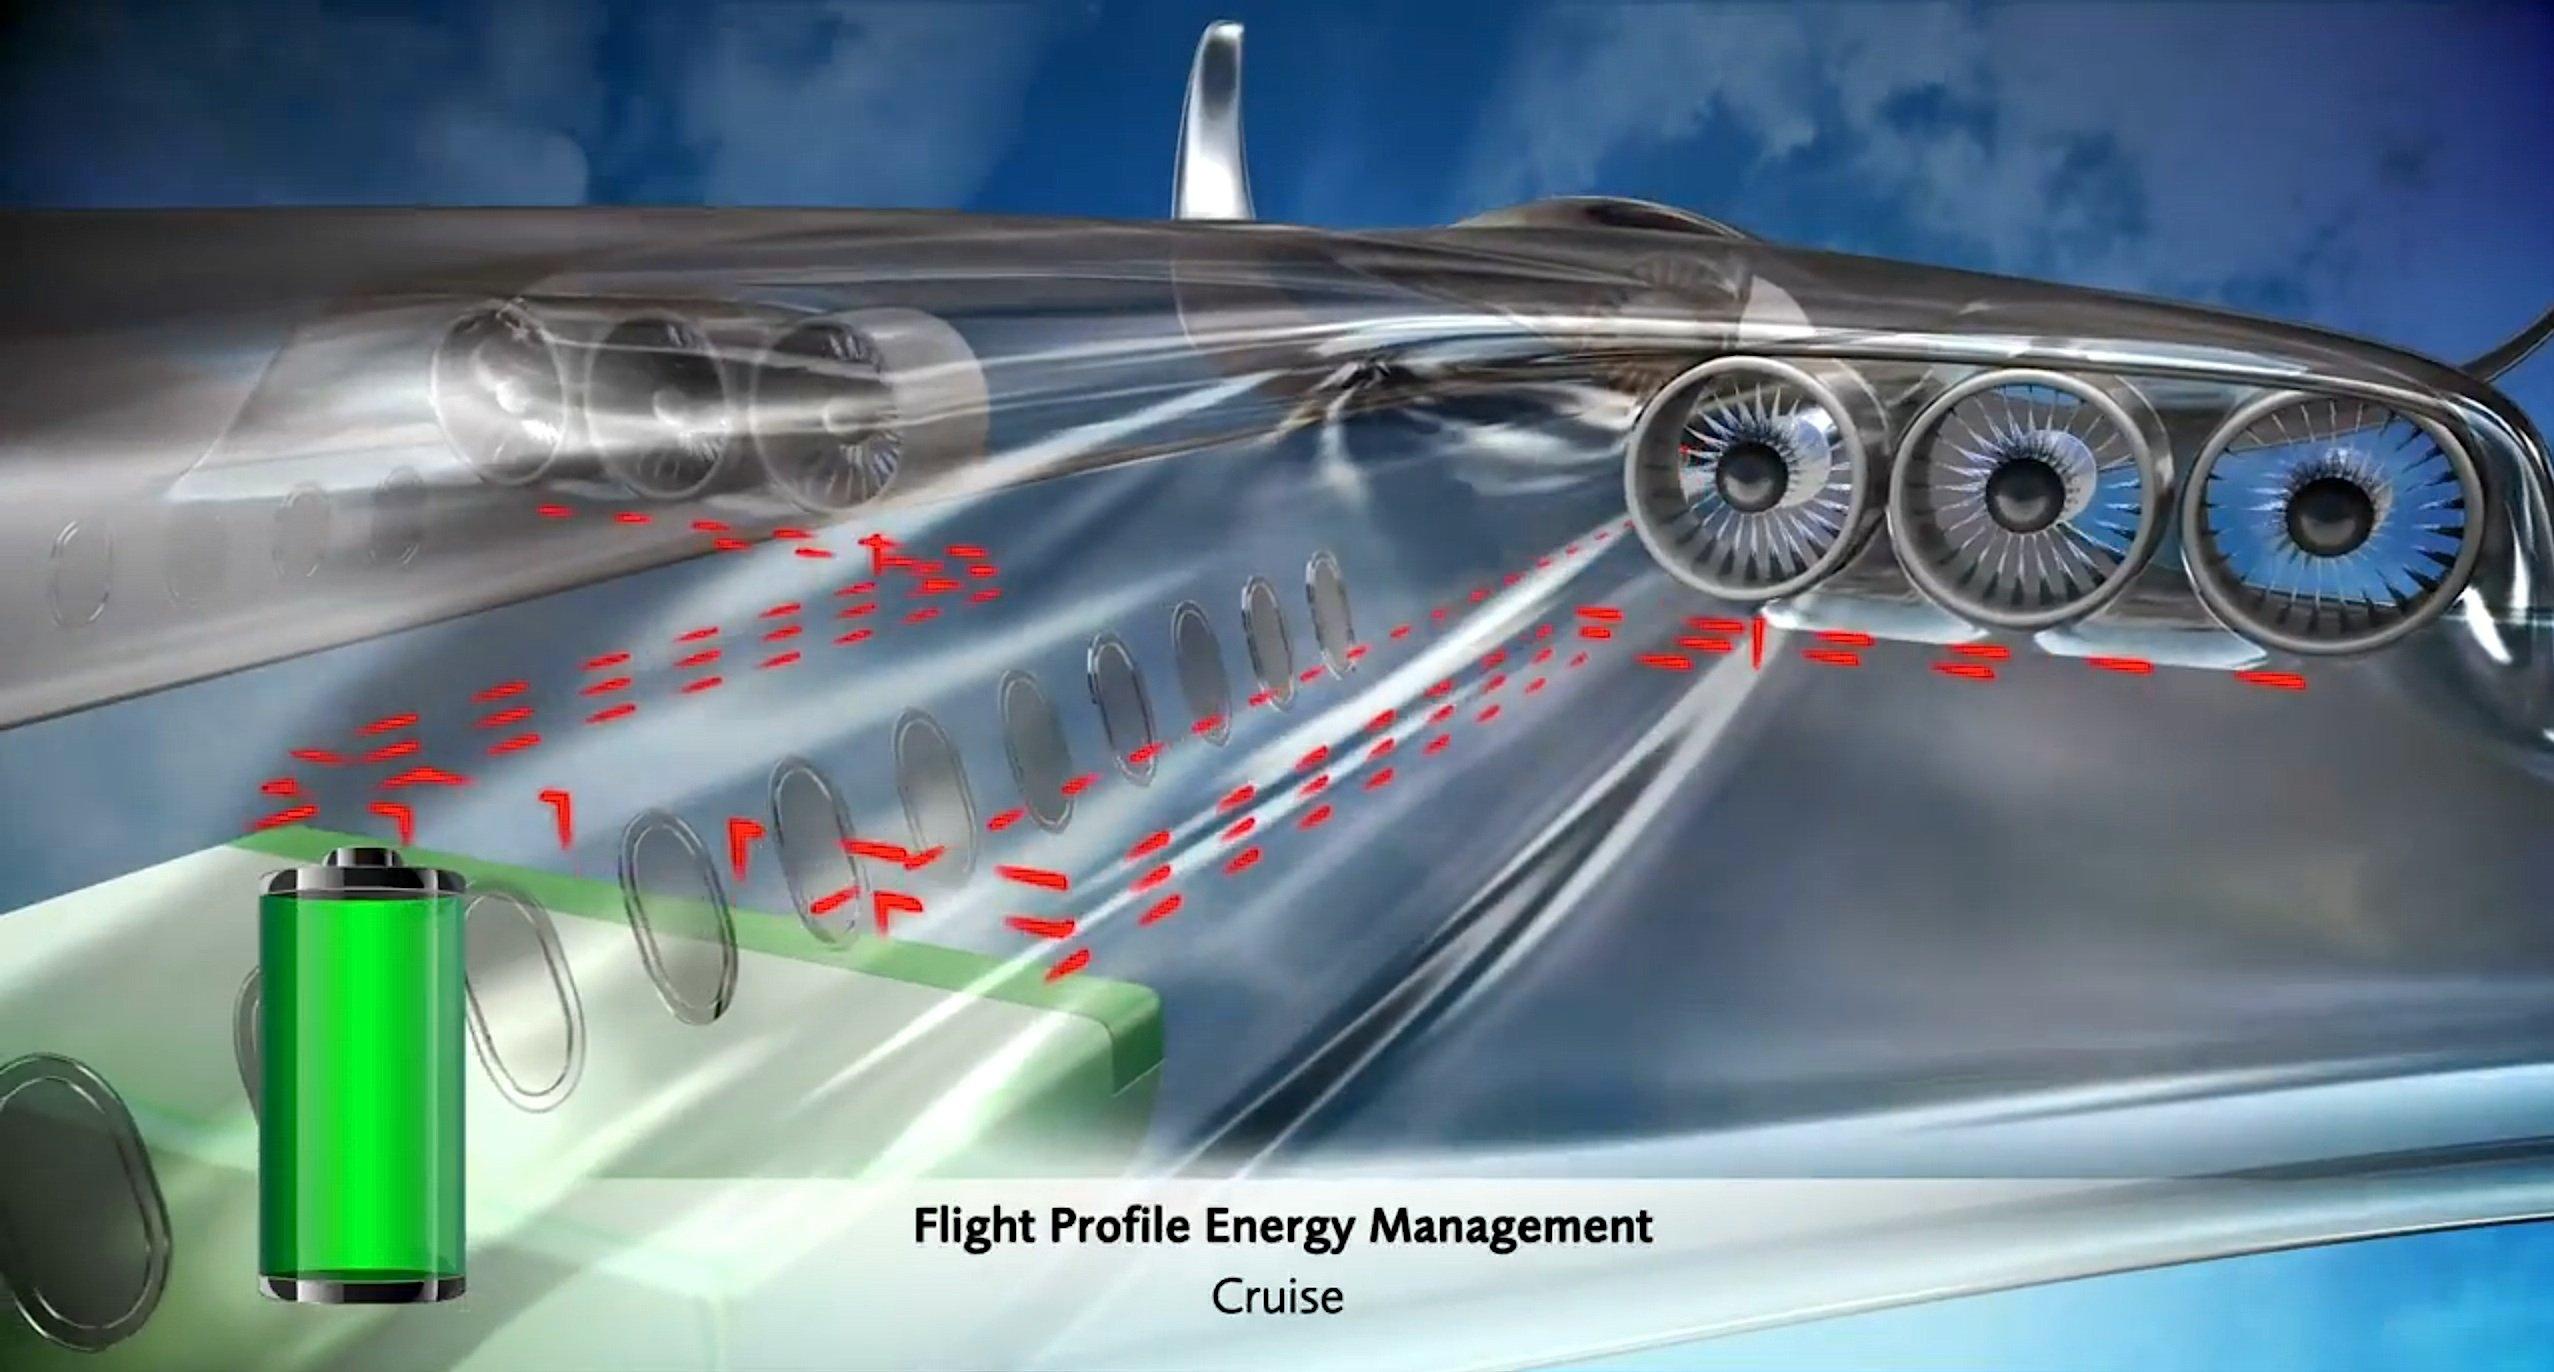 Ein Lithium-Ionen-Akku, der unter den Passagieren im Frachtraum untergebraucht ist, soll die Elektromotoren mit Antriebsenergie versorgen. Bei Erreichen der Reiseflughöhe sollen Teile der Elektromotoren ausgeschaltet werden. Sie erzeugen, angetrieben durch den Luftstrom, zusätzlich Energie.